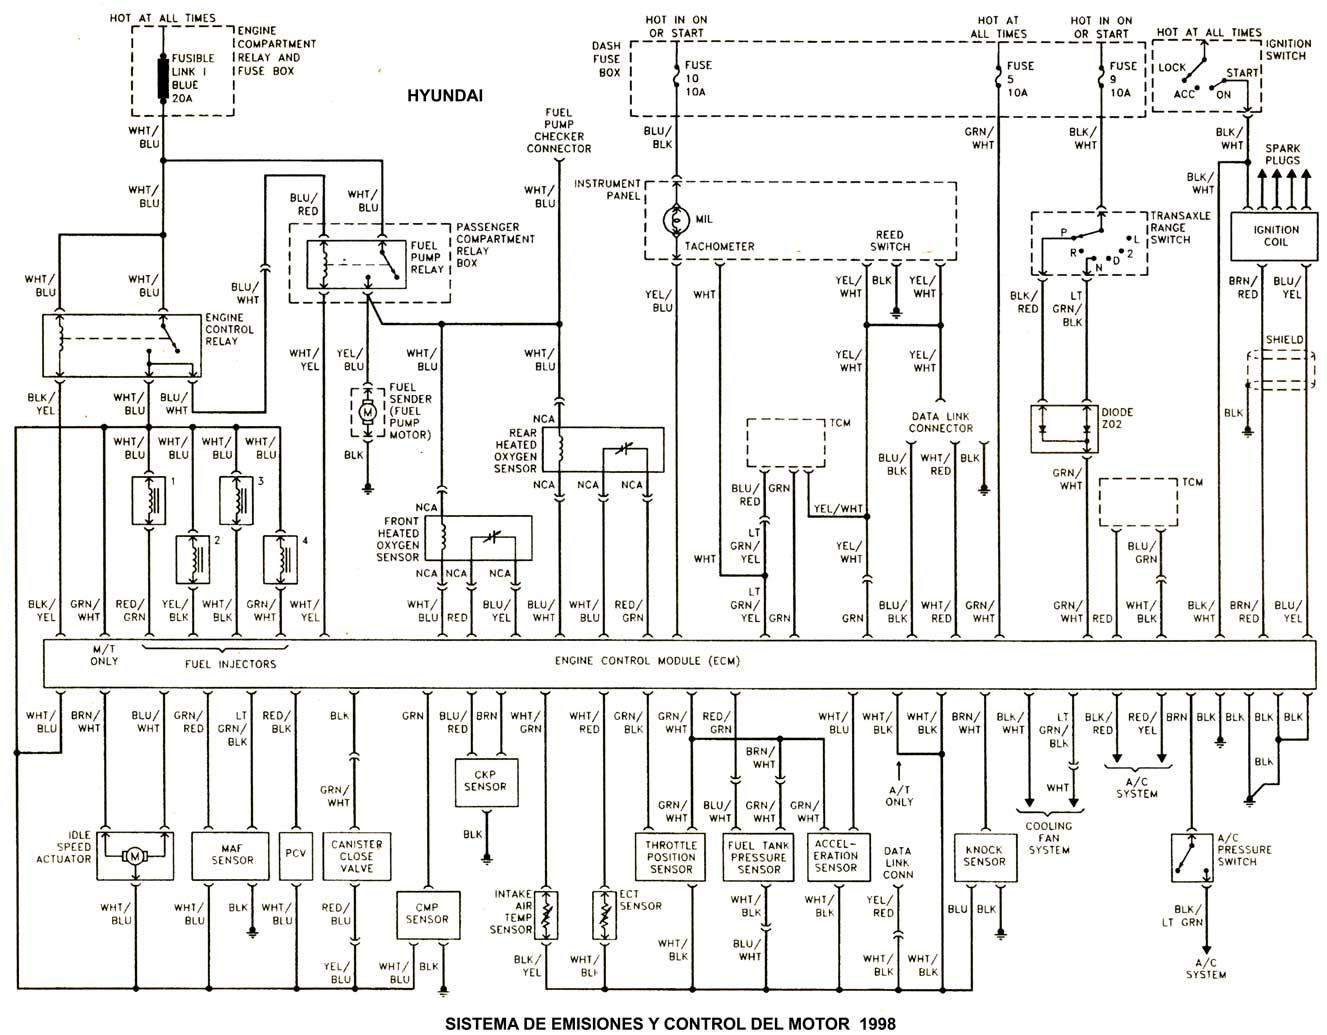 2009 toyota yaris diagrama de cableado